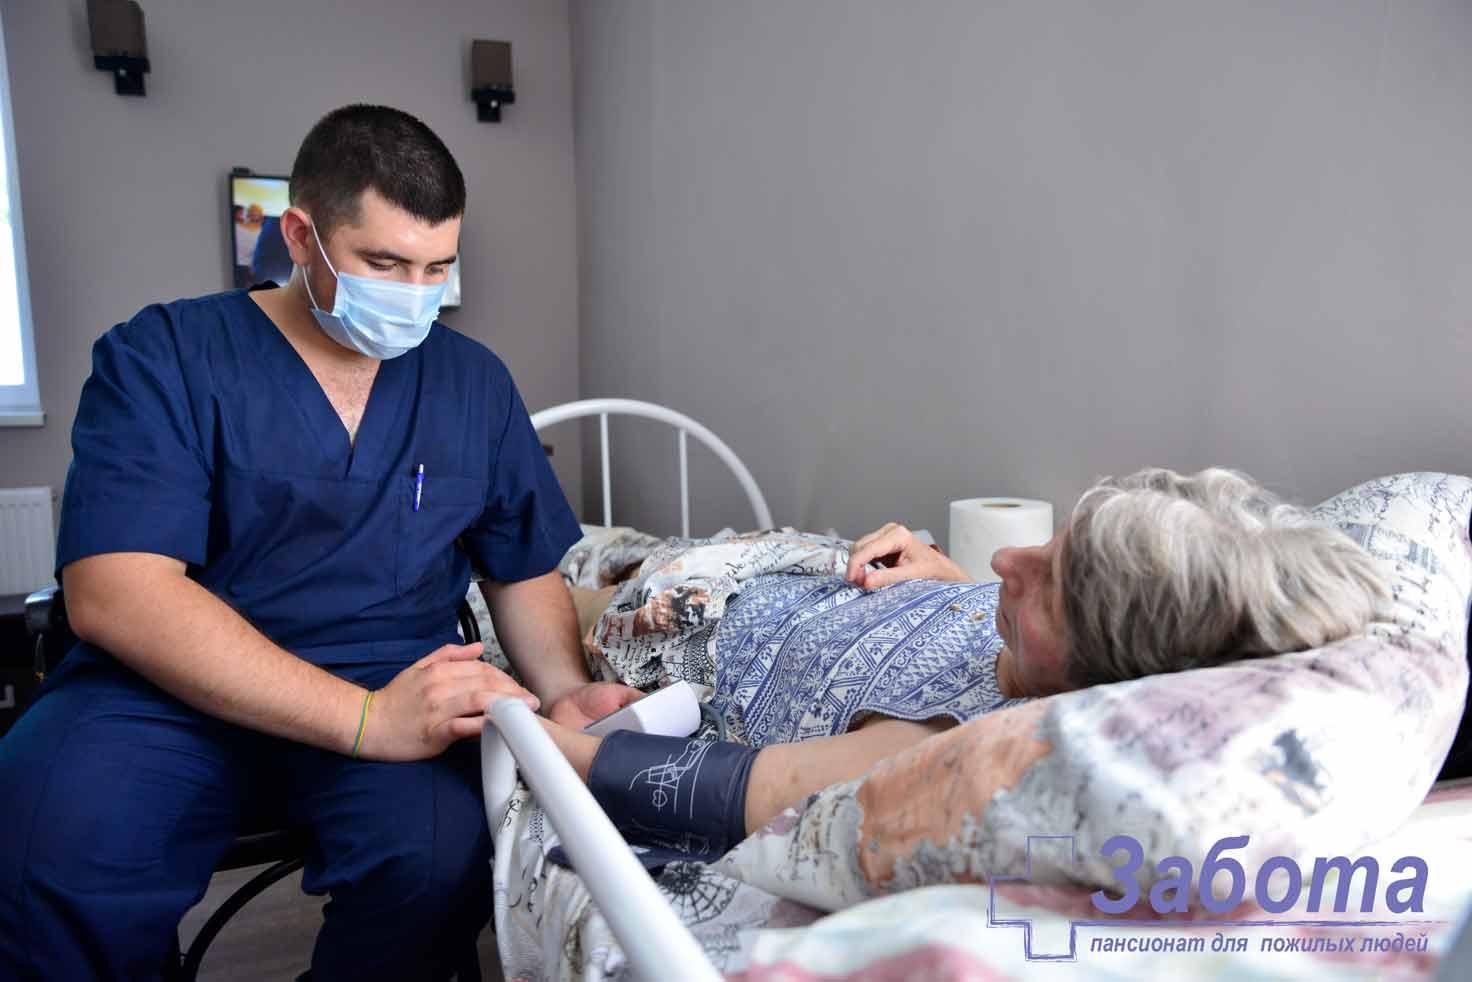 medicină curativă într-un azil de bătrâni